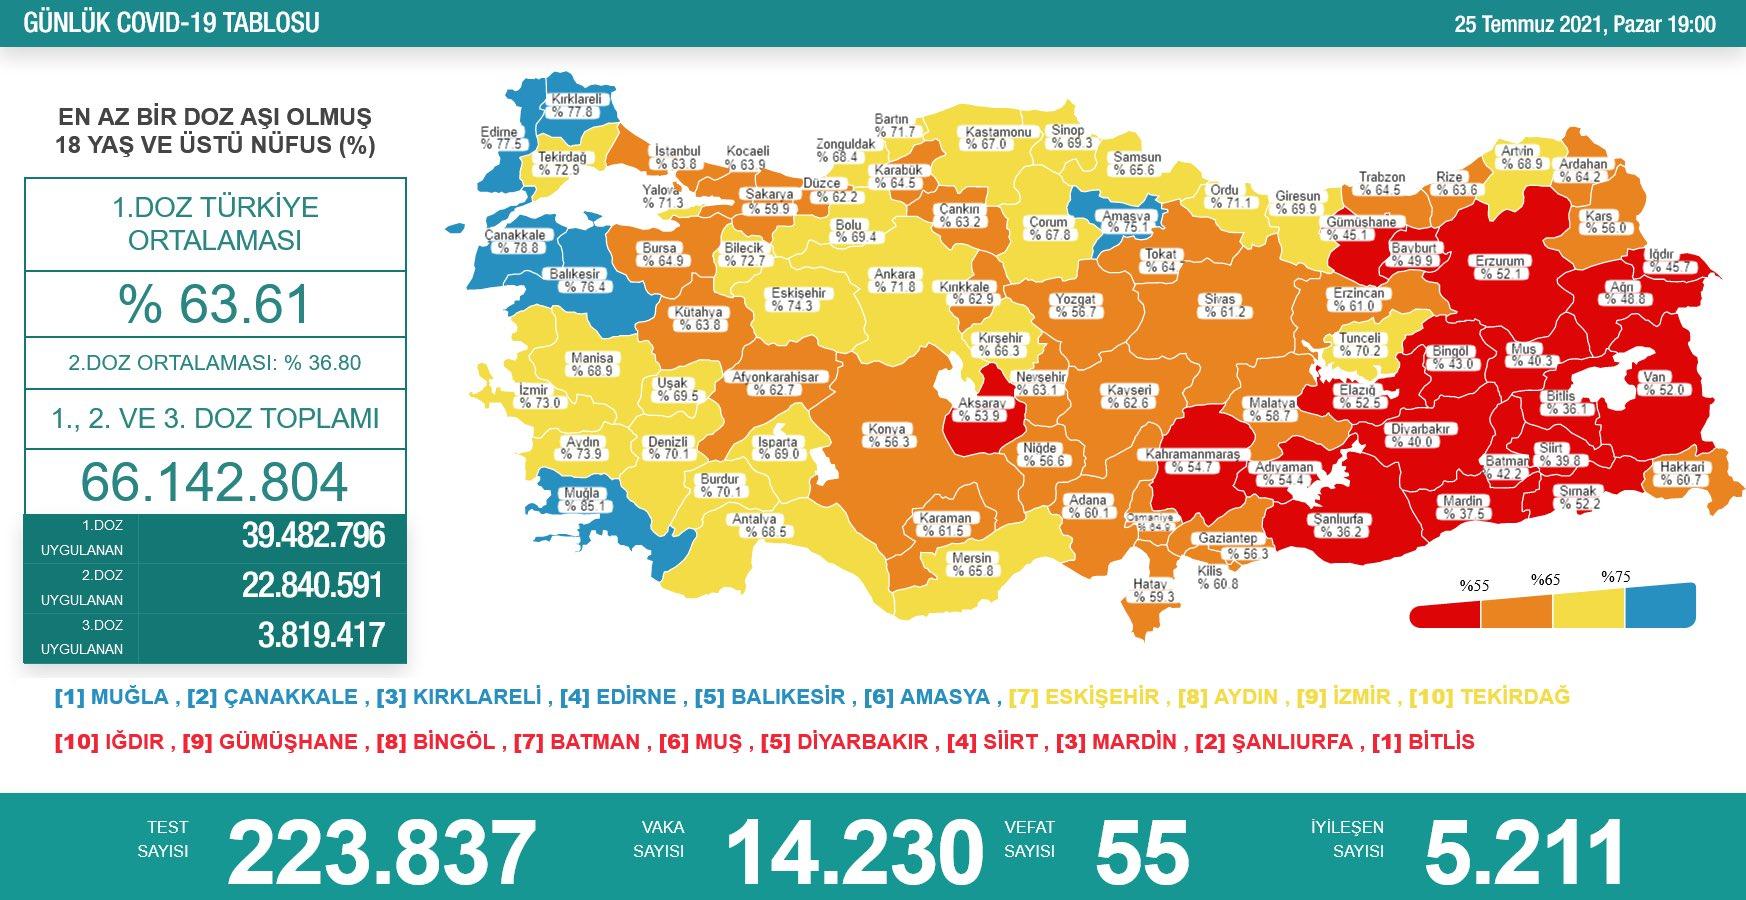 Amasya aşı haritasında 'Mavi' renkte